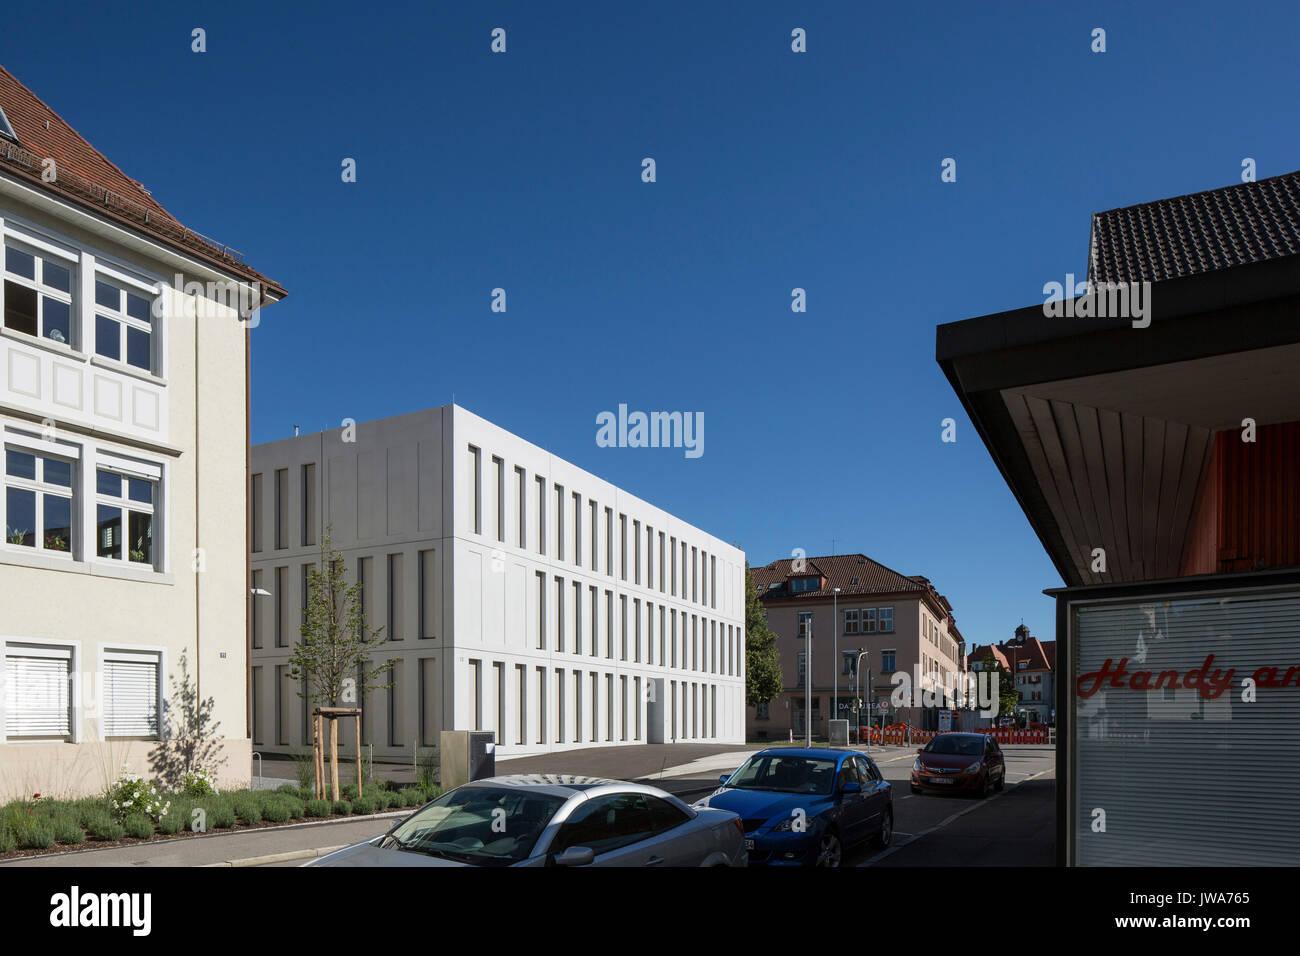 Architekten Biberach oblique elevation with entrance finanzamt finance